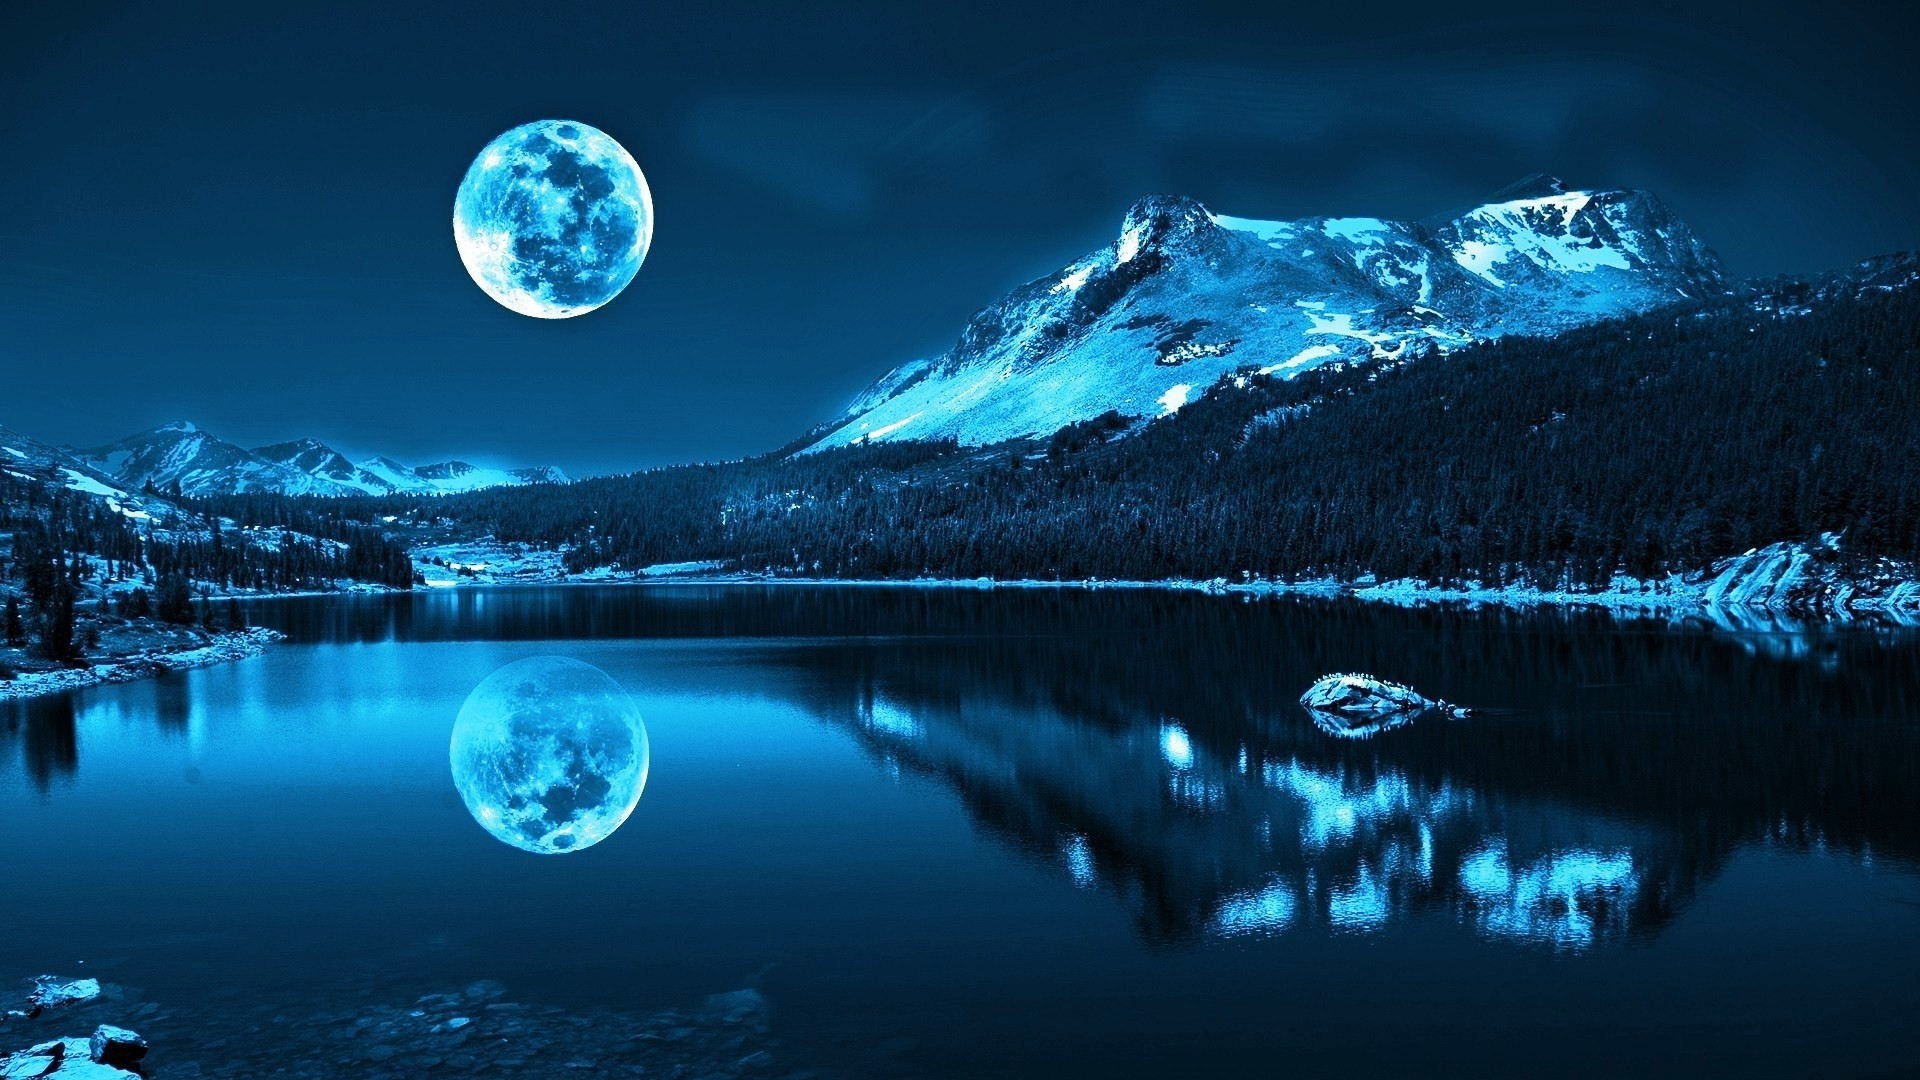 Wallpaper Moonlight 1